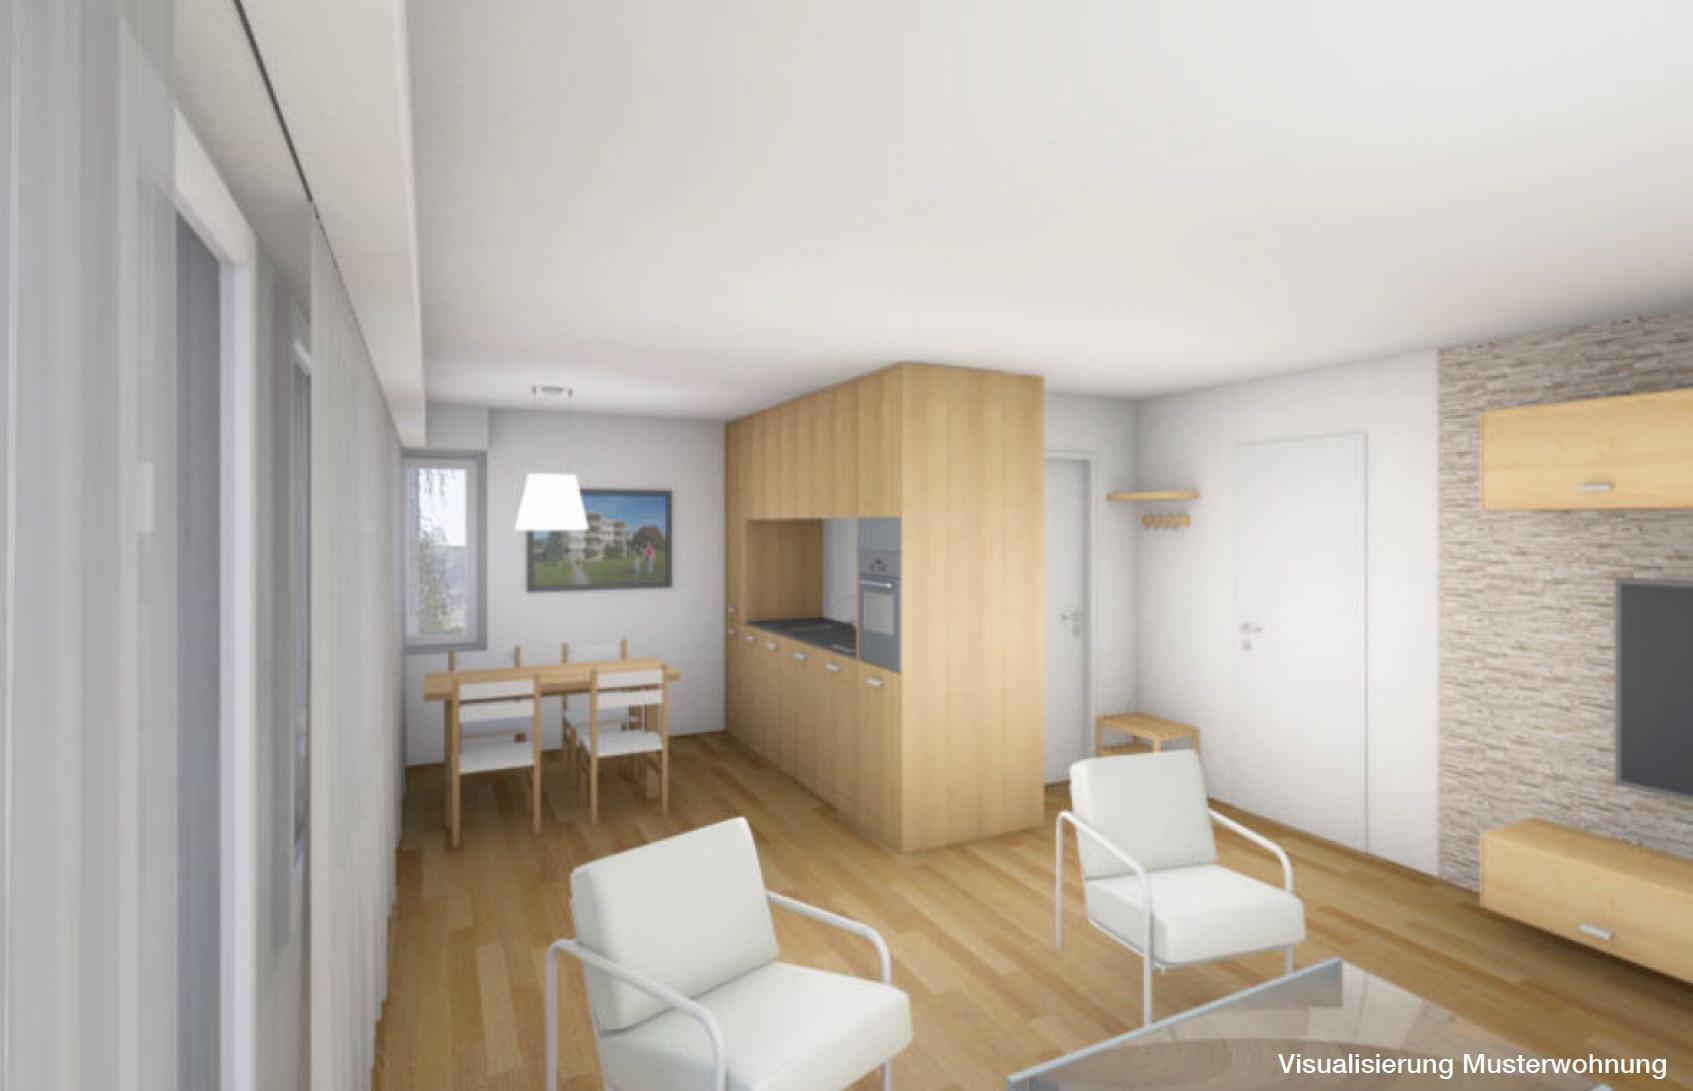 Visualisierung Innenansicht Wohnung BEWIA